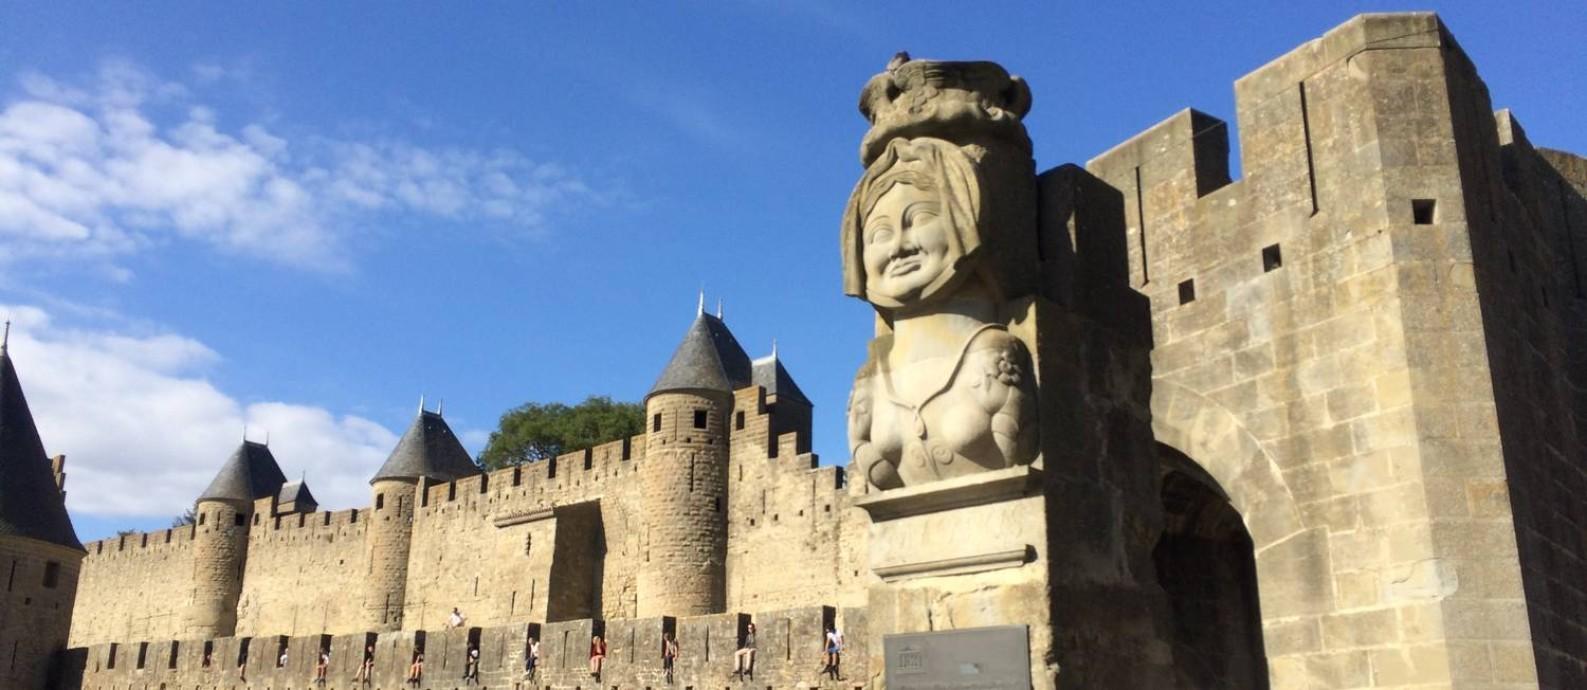 Estátua reproduz imagem de Dame Carcas, figura lendária que dá nome à cidade de Carcassonne Foto: Alina Hartounian/AP